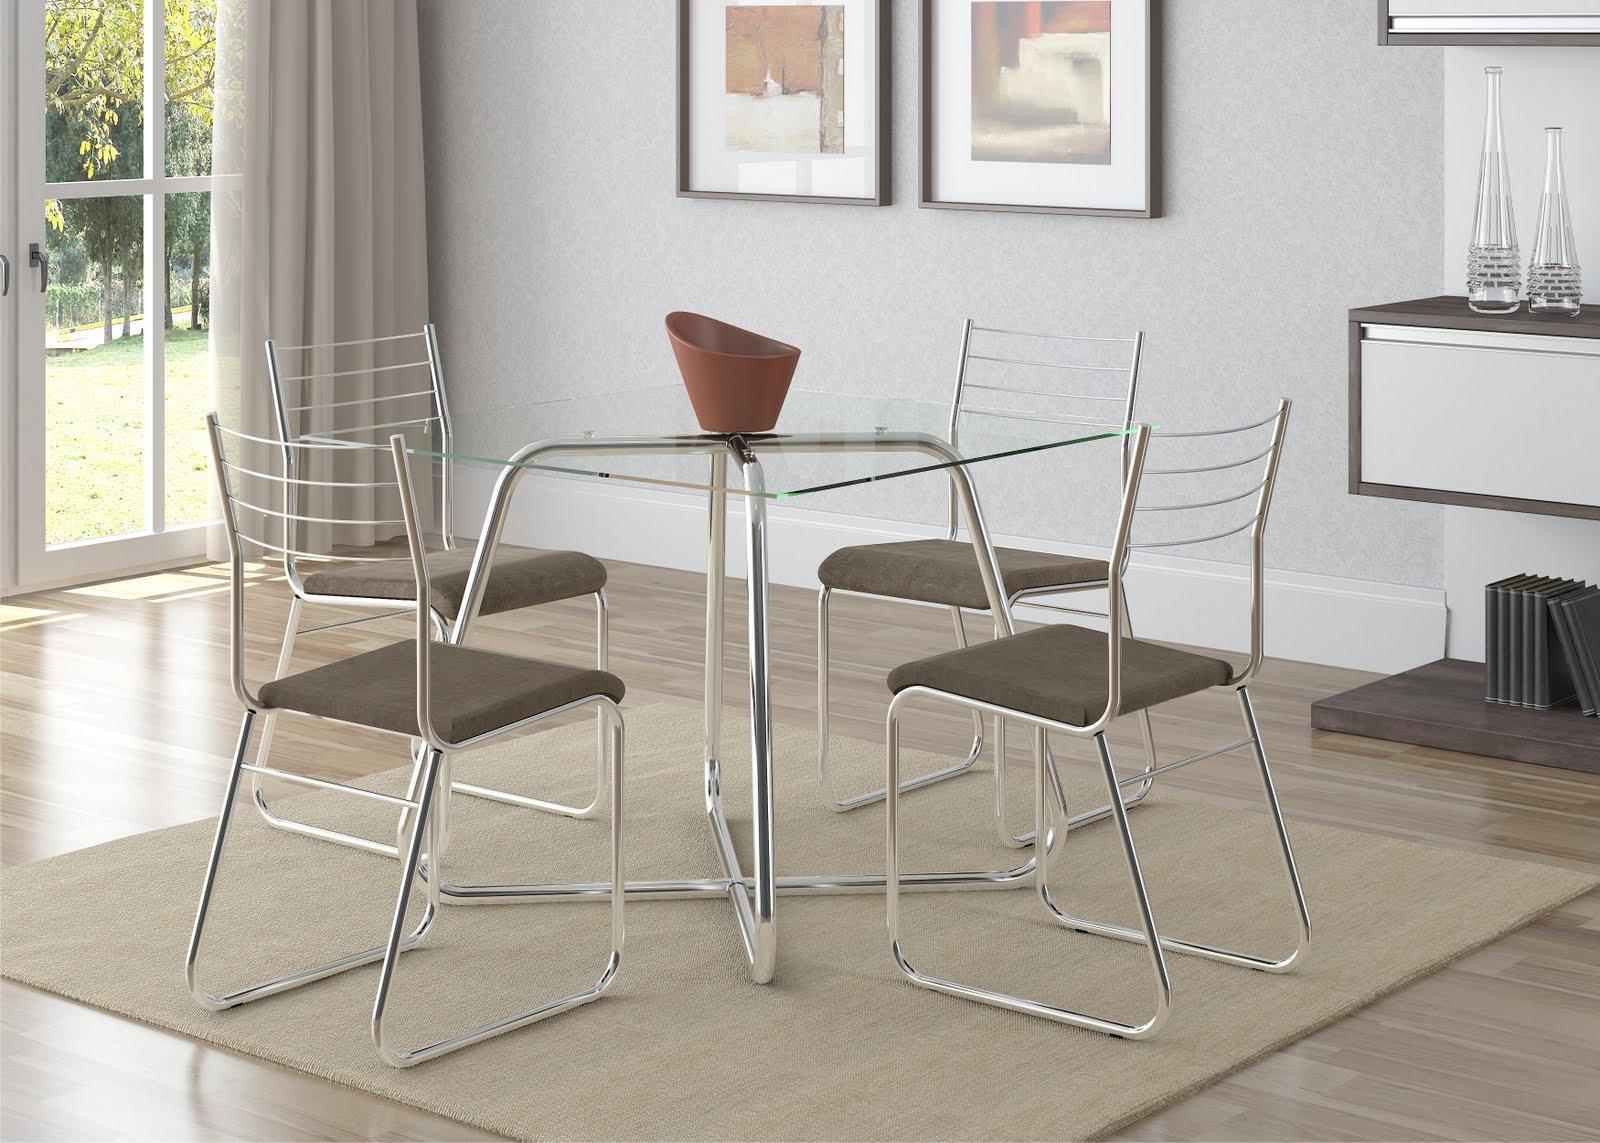 internacionalmente pela fabricação de conjuntos de mesas e cadeiras  #796D52 1600 1143